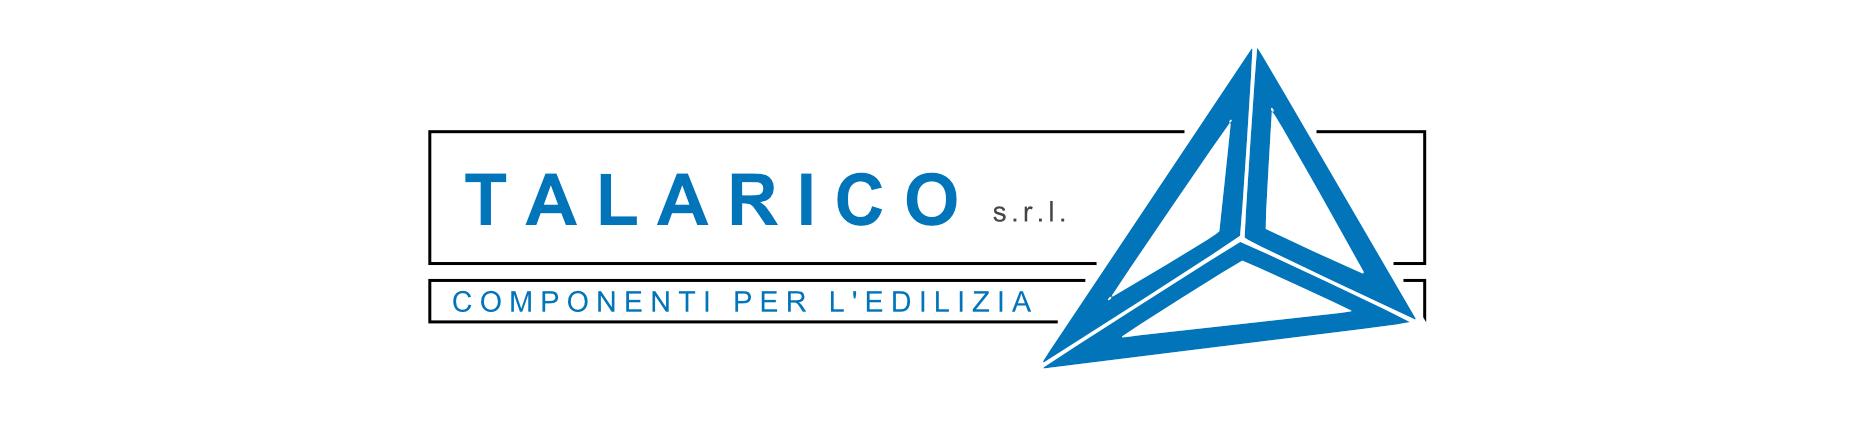 Logo Talarico srl